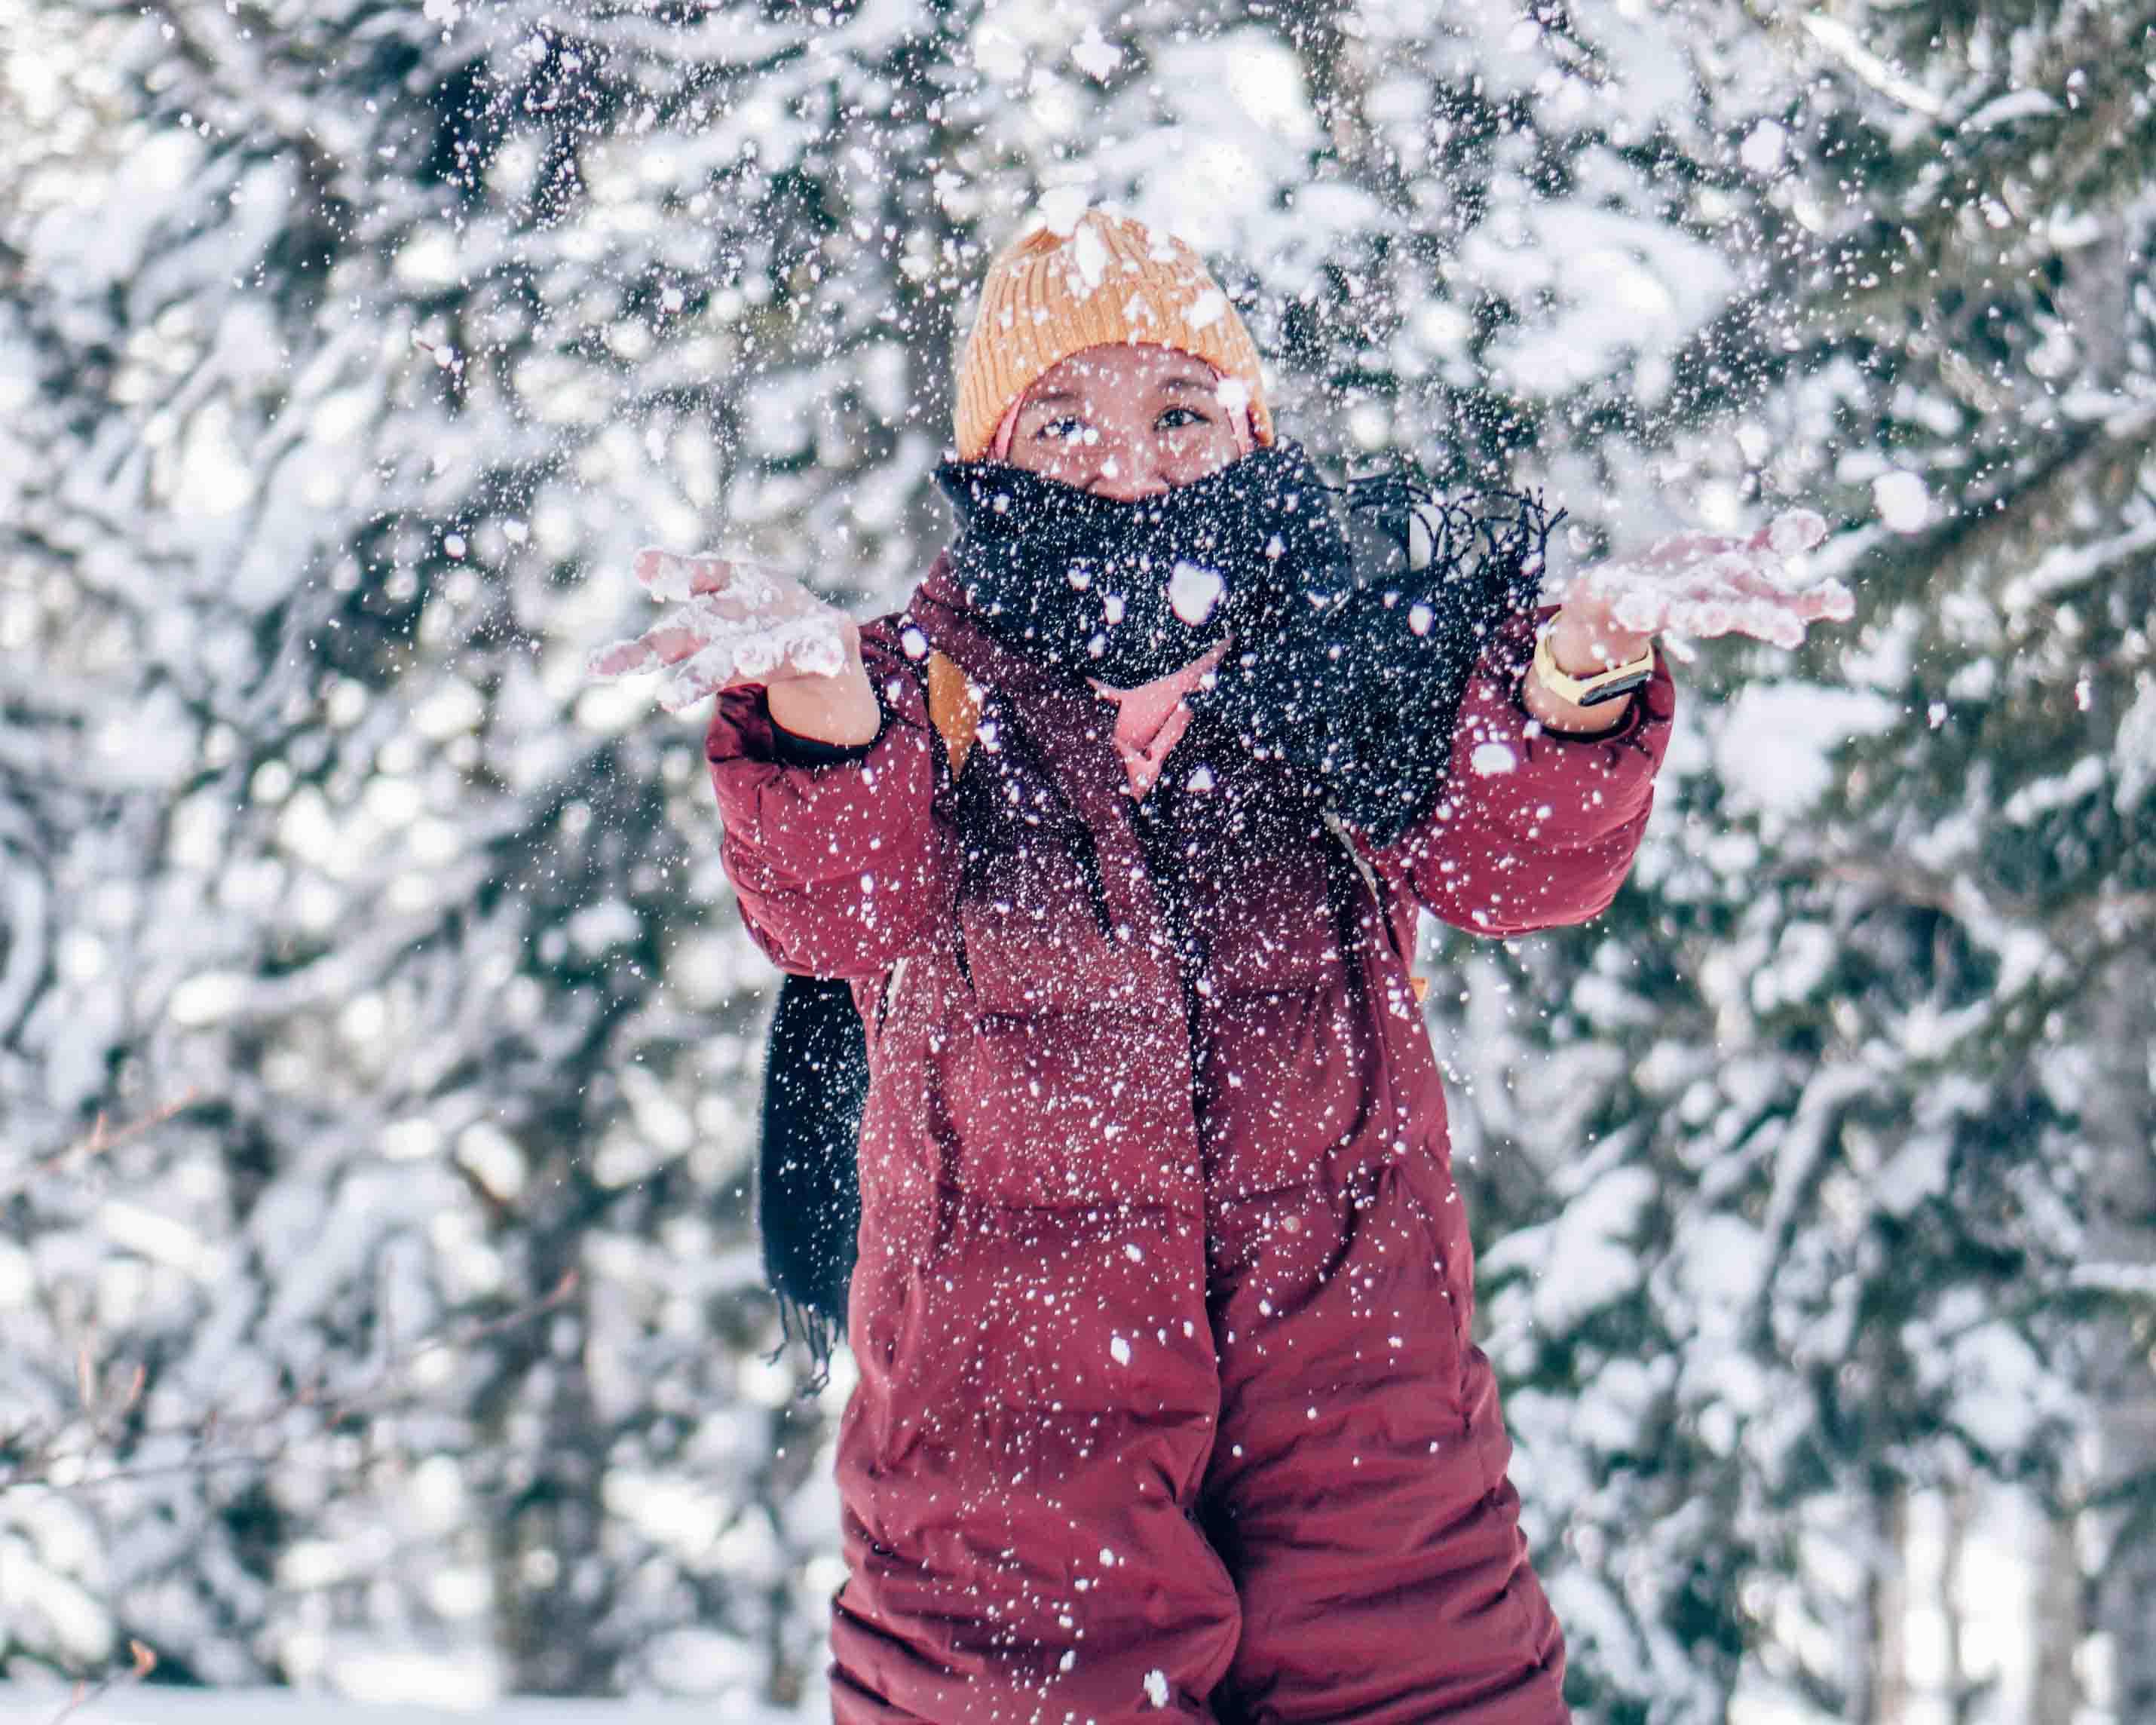 Snow, akhirnya bisa memegangmu....